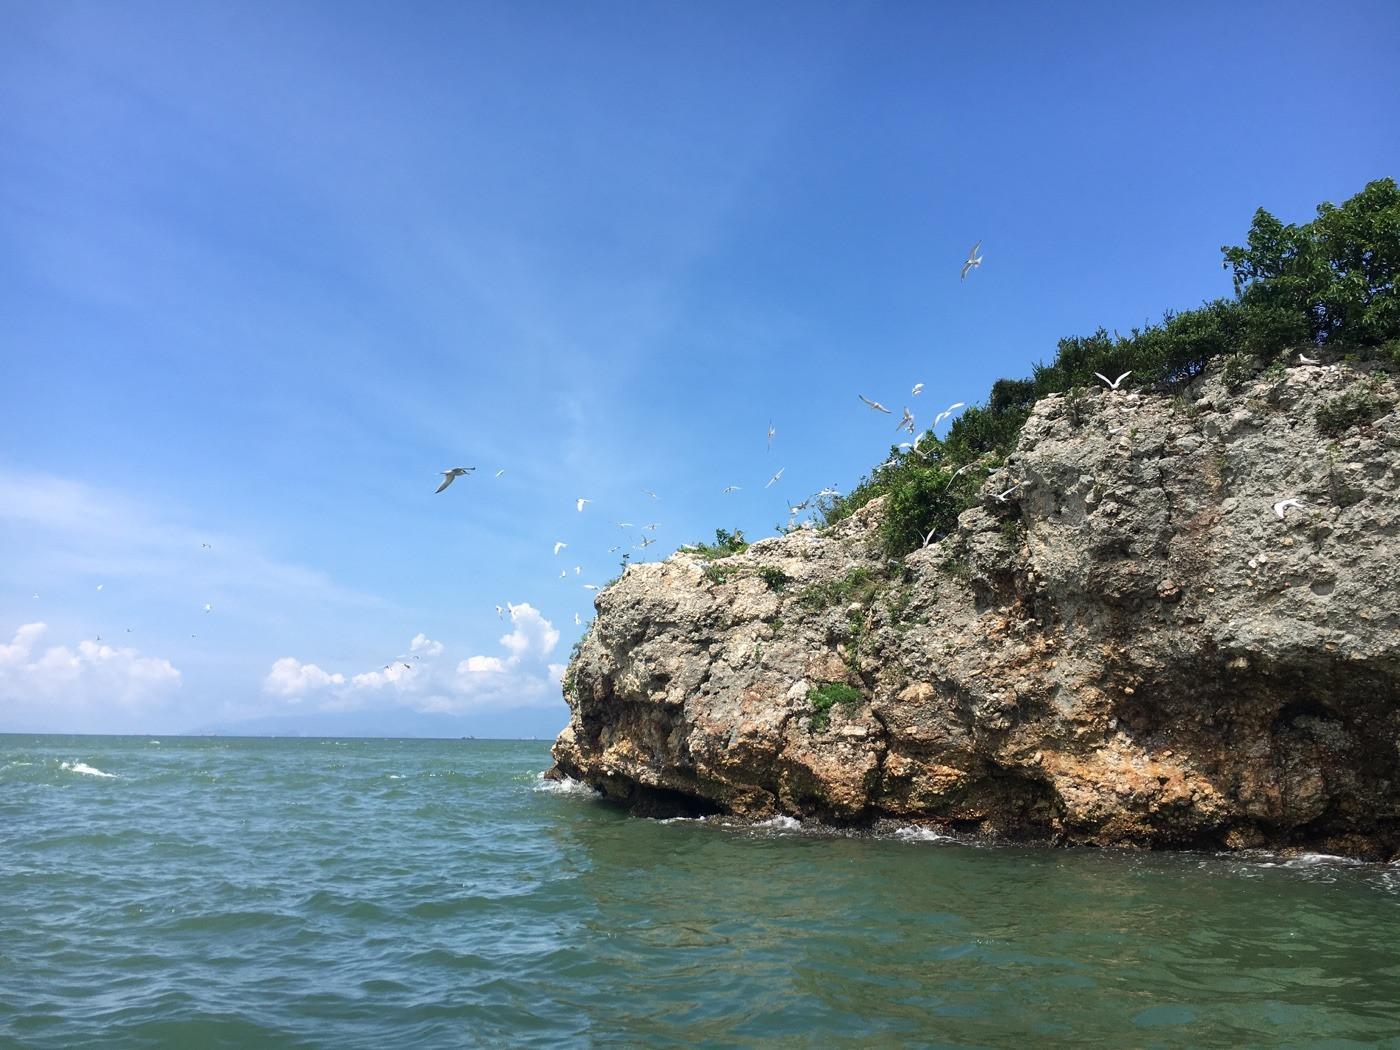 惠州巽寮湾-双月湾巴士-深圳出发单跟车2日